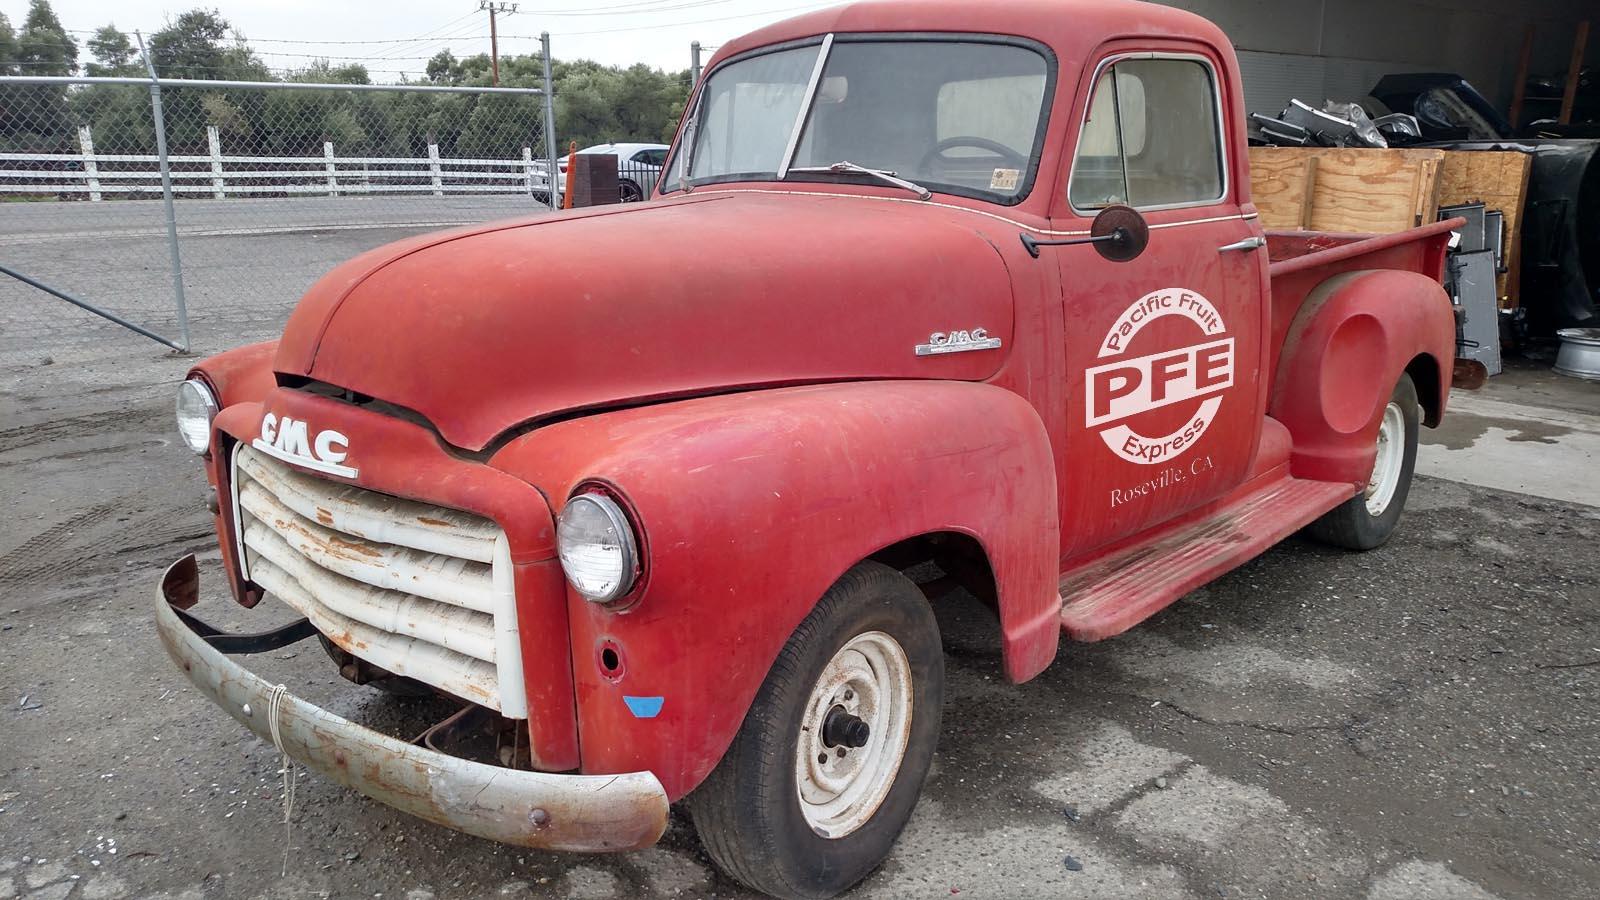 logo on truck 2.jpg